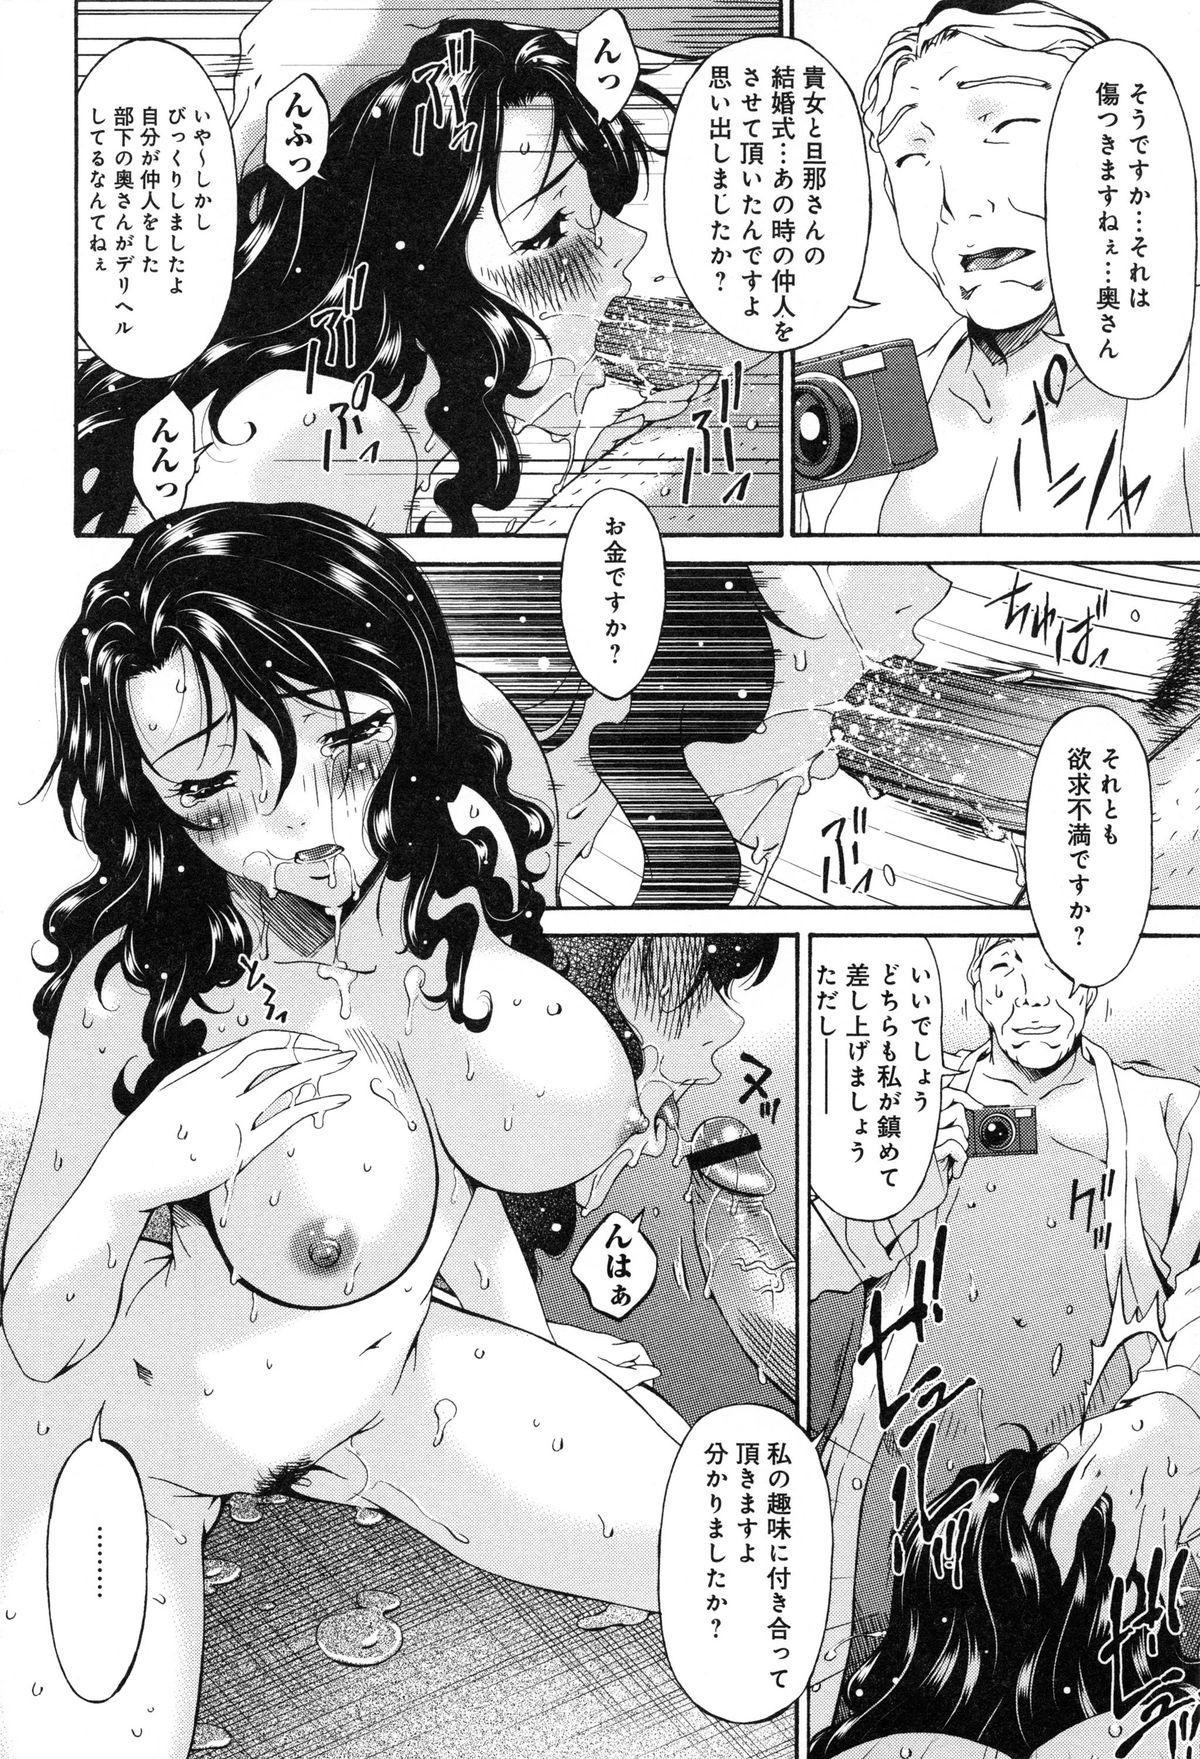 Shinshoku no Toki 172